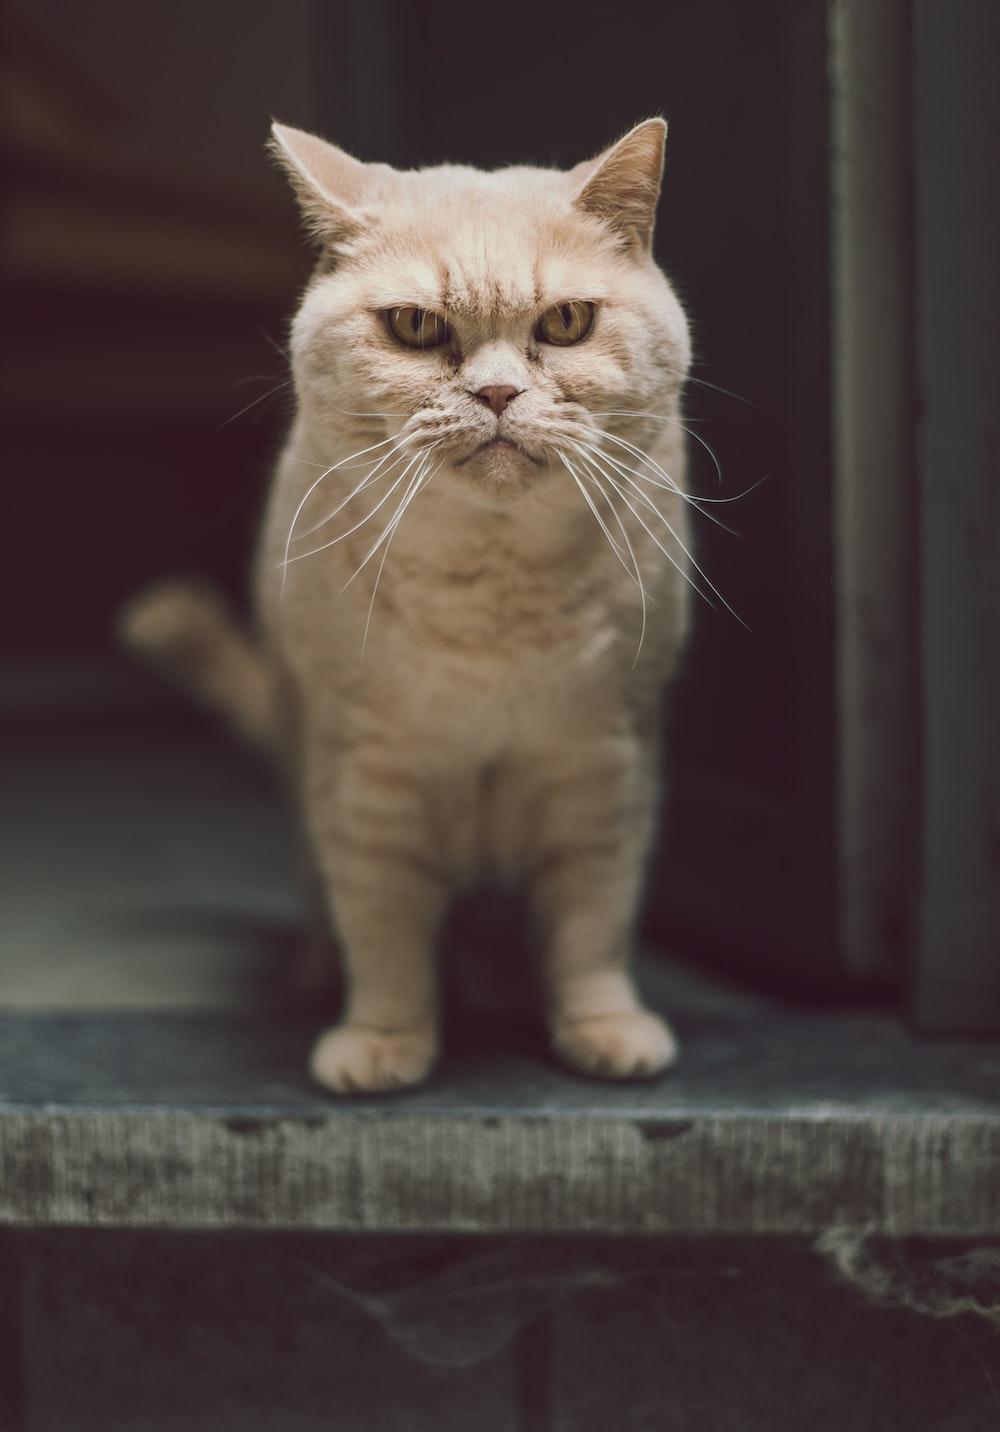 beige cat at the doorway